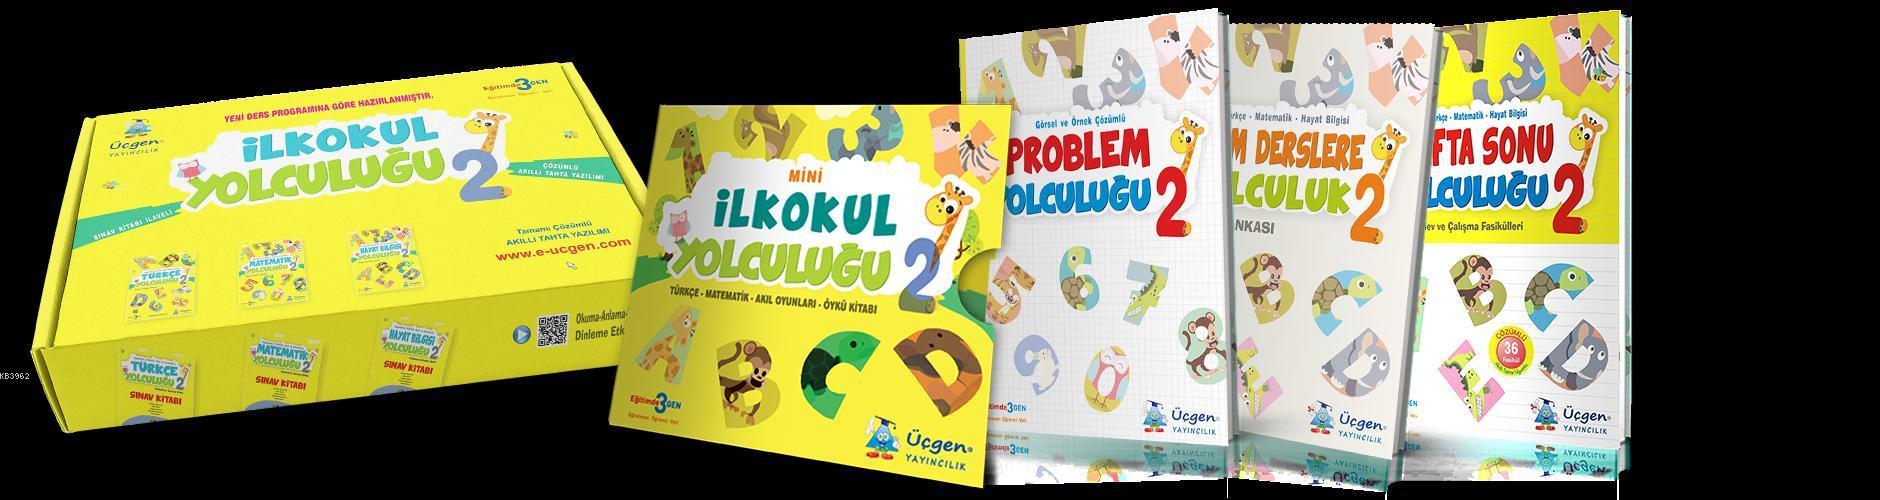 Üçgen Yayınları 2. Sınıf Mini İlk Okul Yolculuğu Seti Üçgen